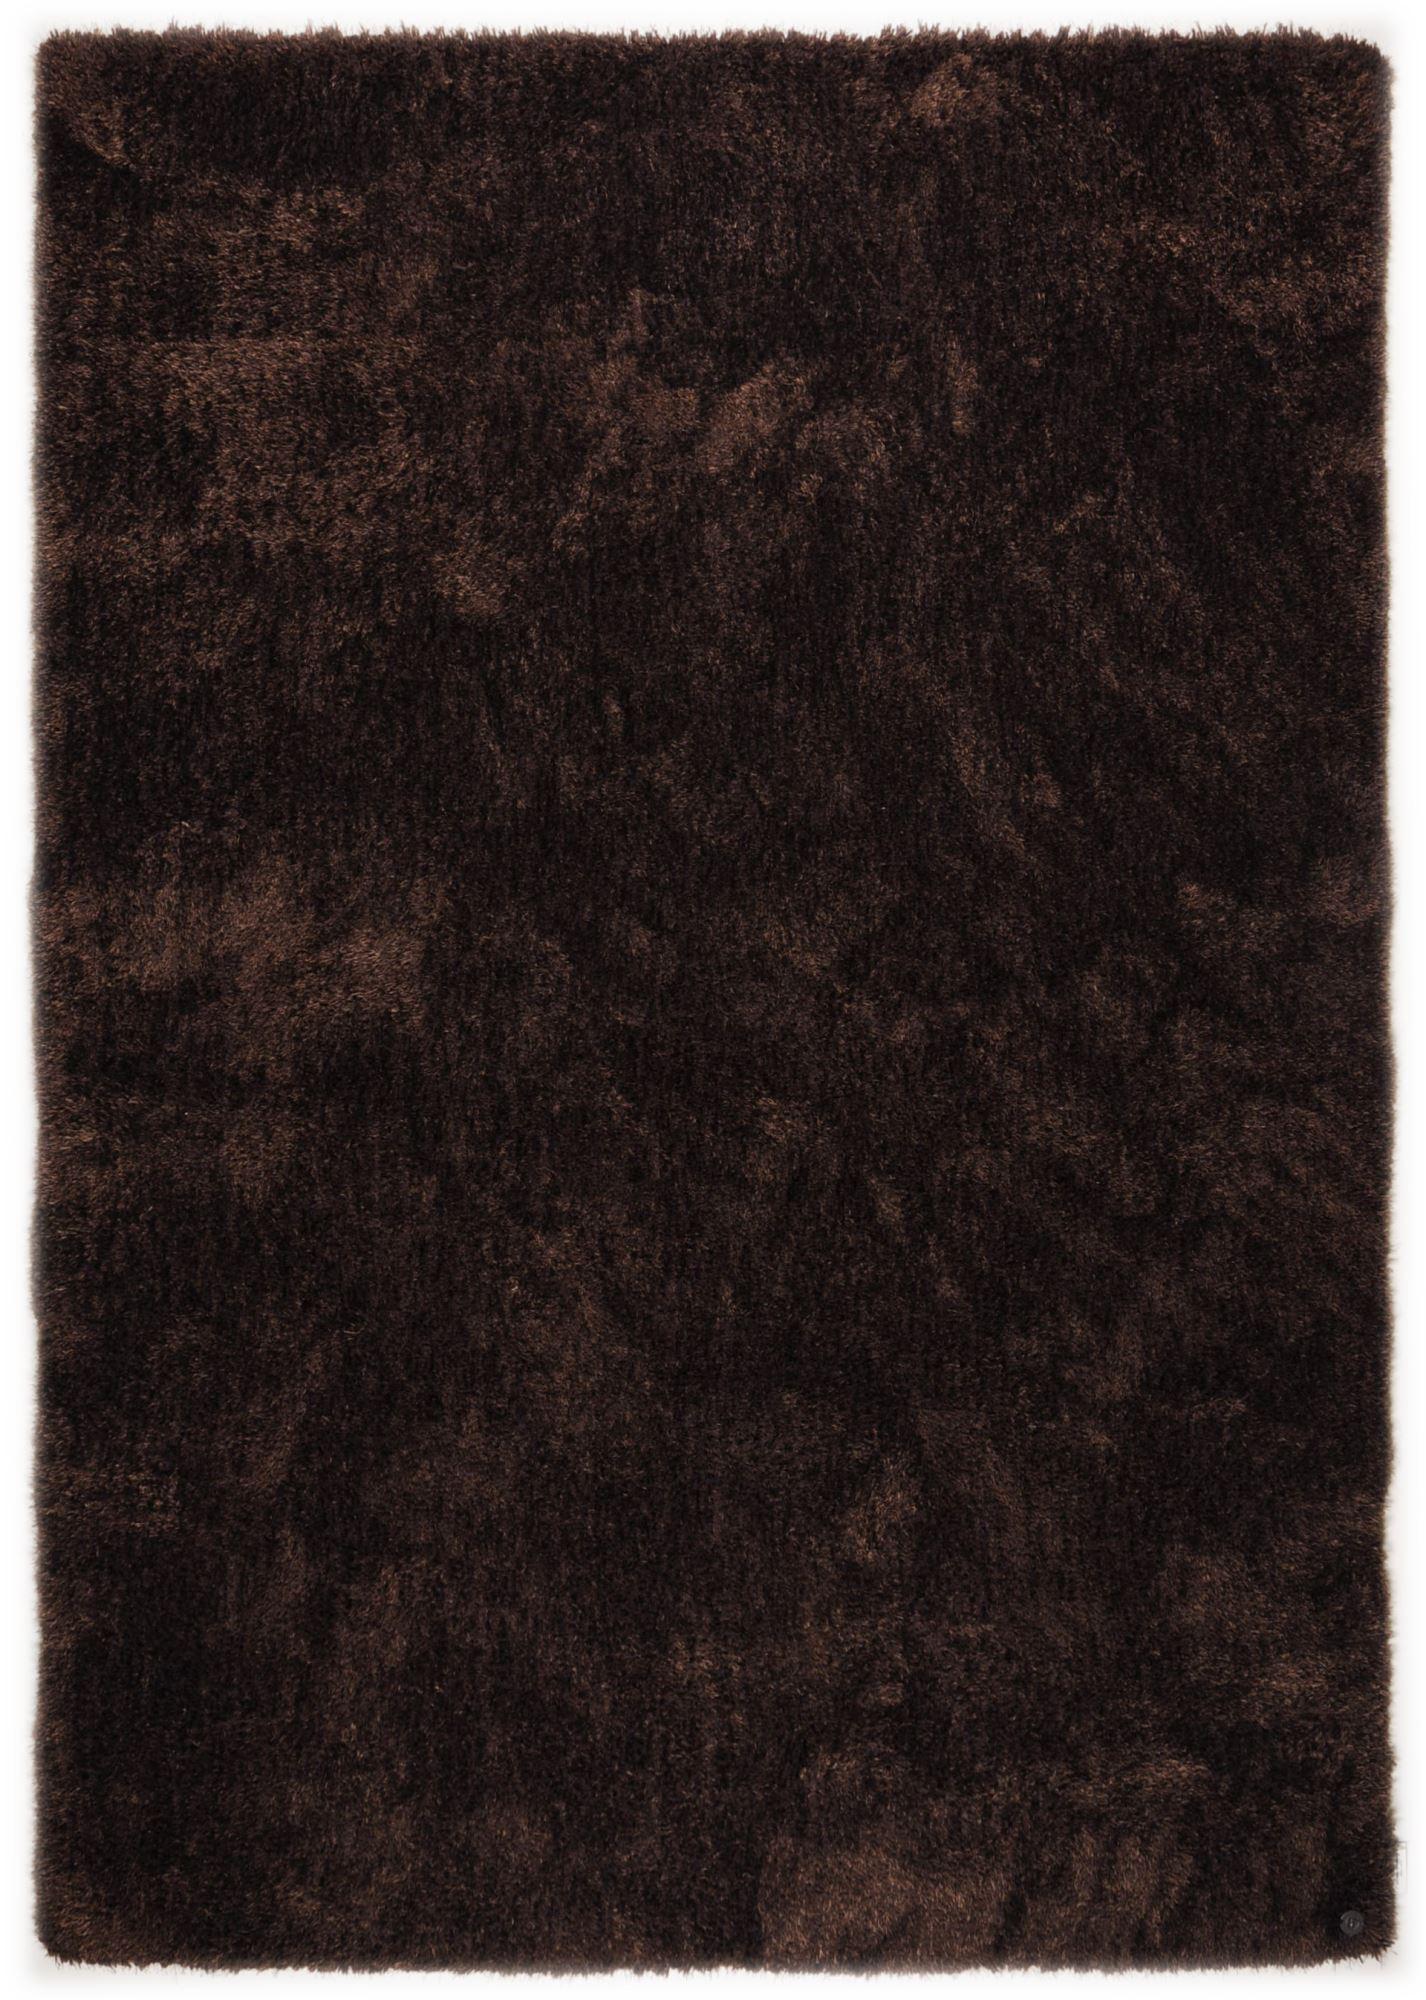 Tapis brilliant shaggy - à  longs poils - épais - Chocolat 50x80